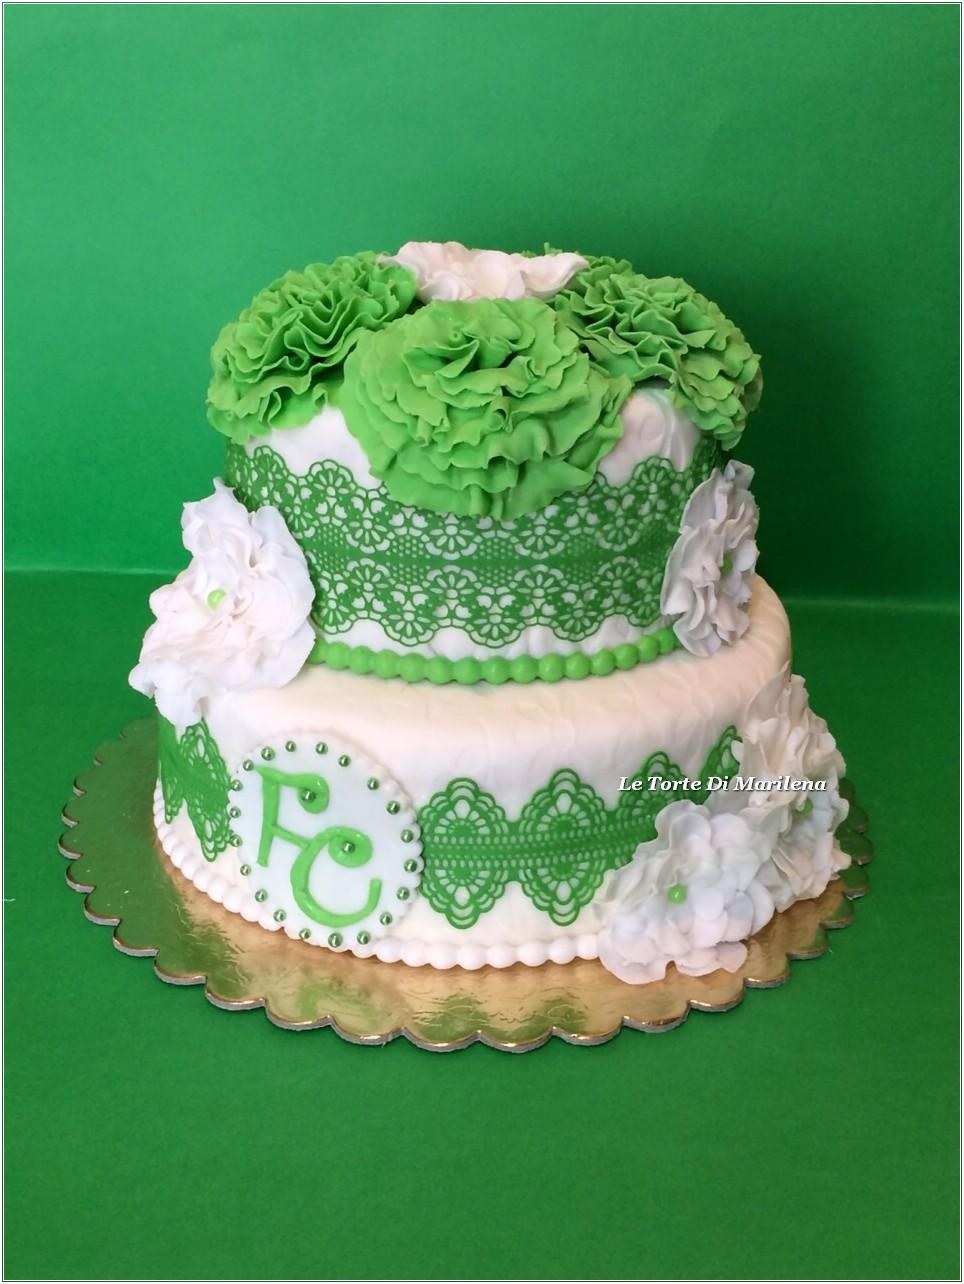 Estremamente TORTA PROMESSA DI MATRIMONIO | Le Torte di Marilena UR45